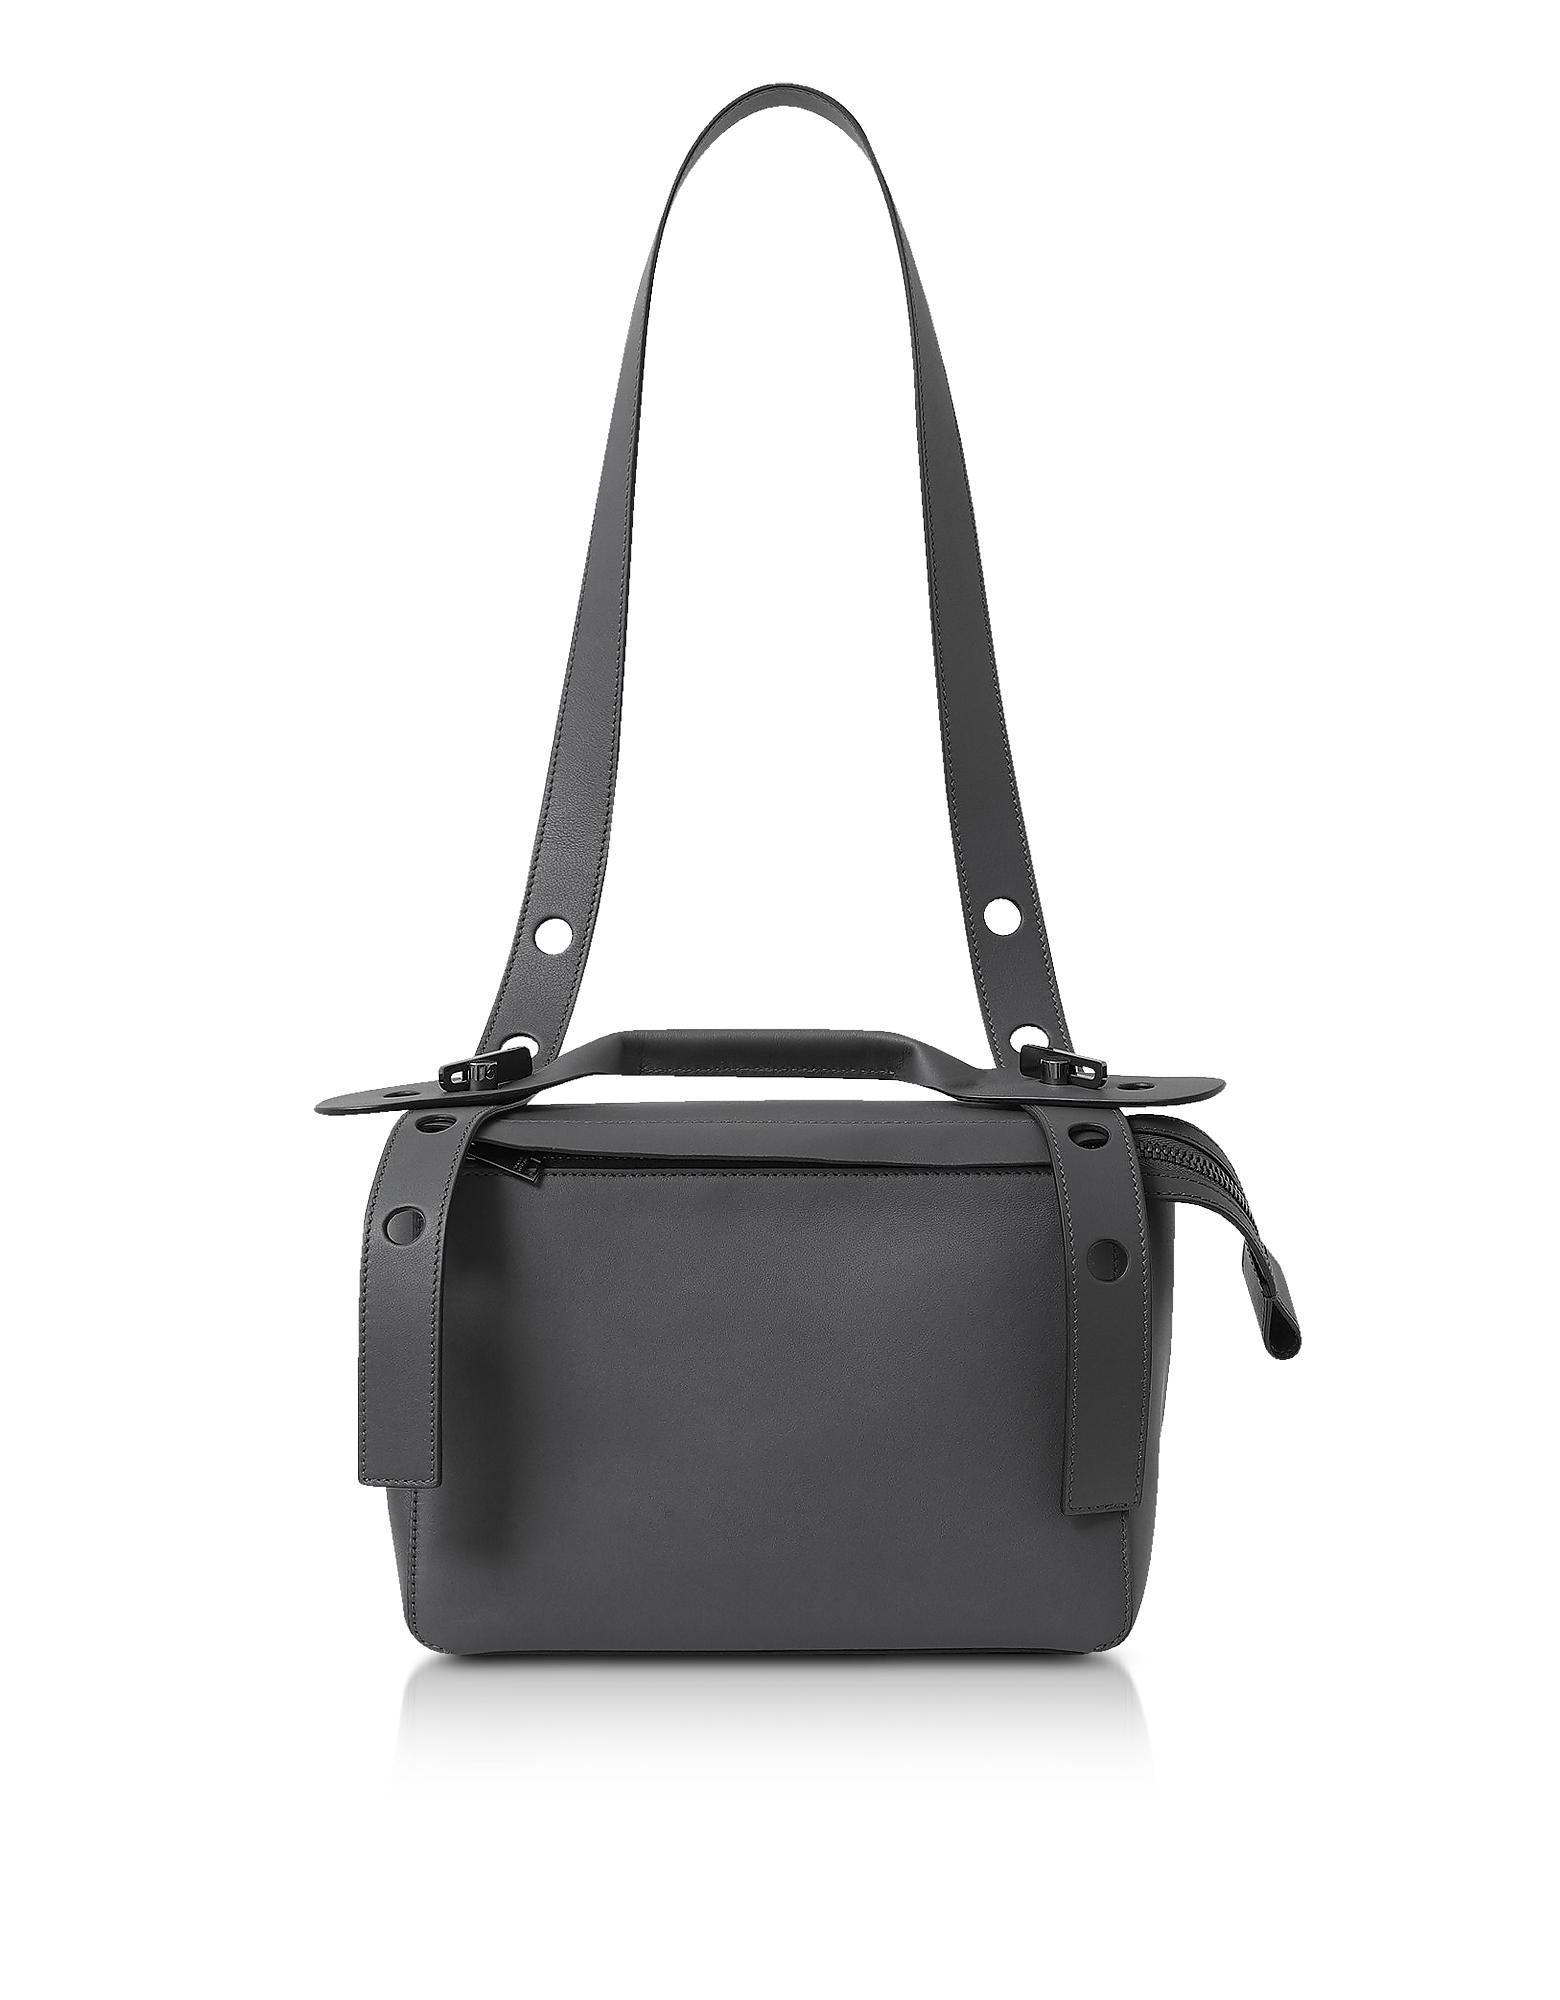 Charcoal The Bold Shoulder Bag